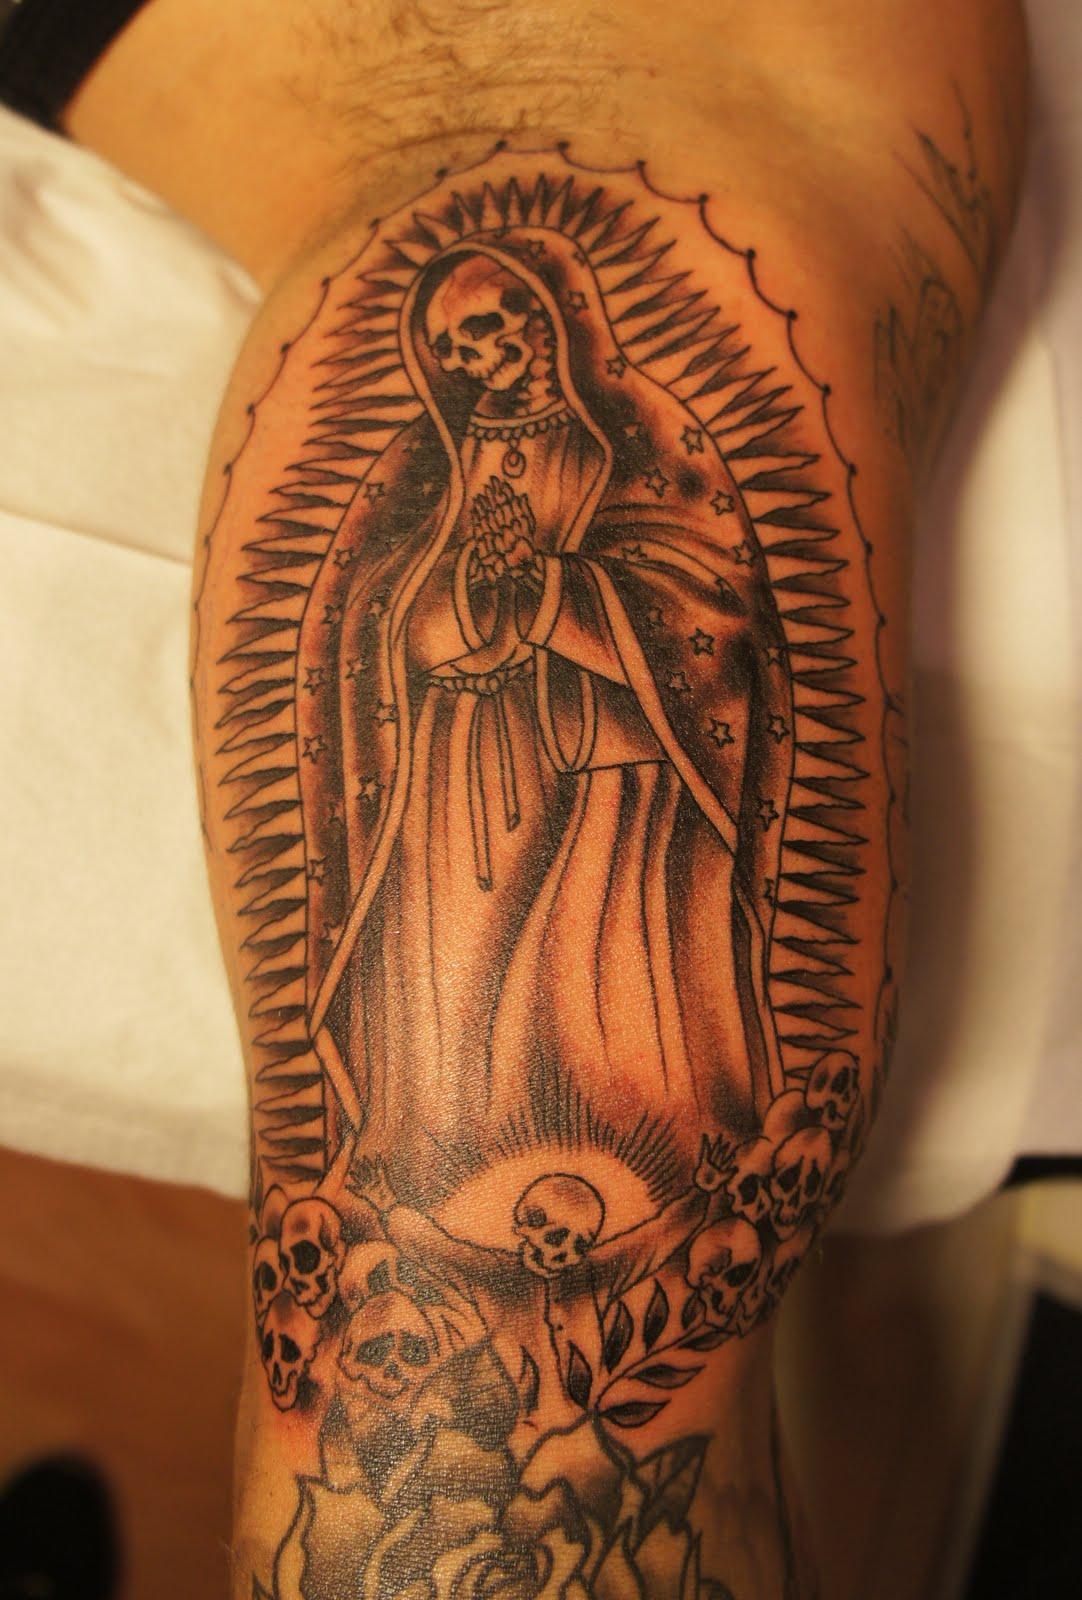 Tattoo Art Death Tattoos Portrayals Of The Santa Muerte